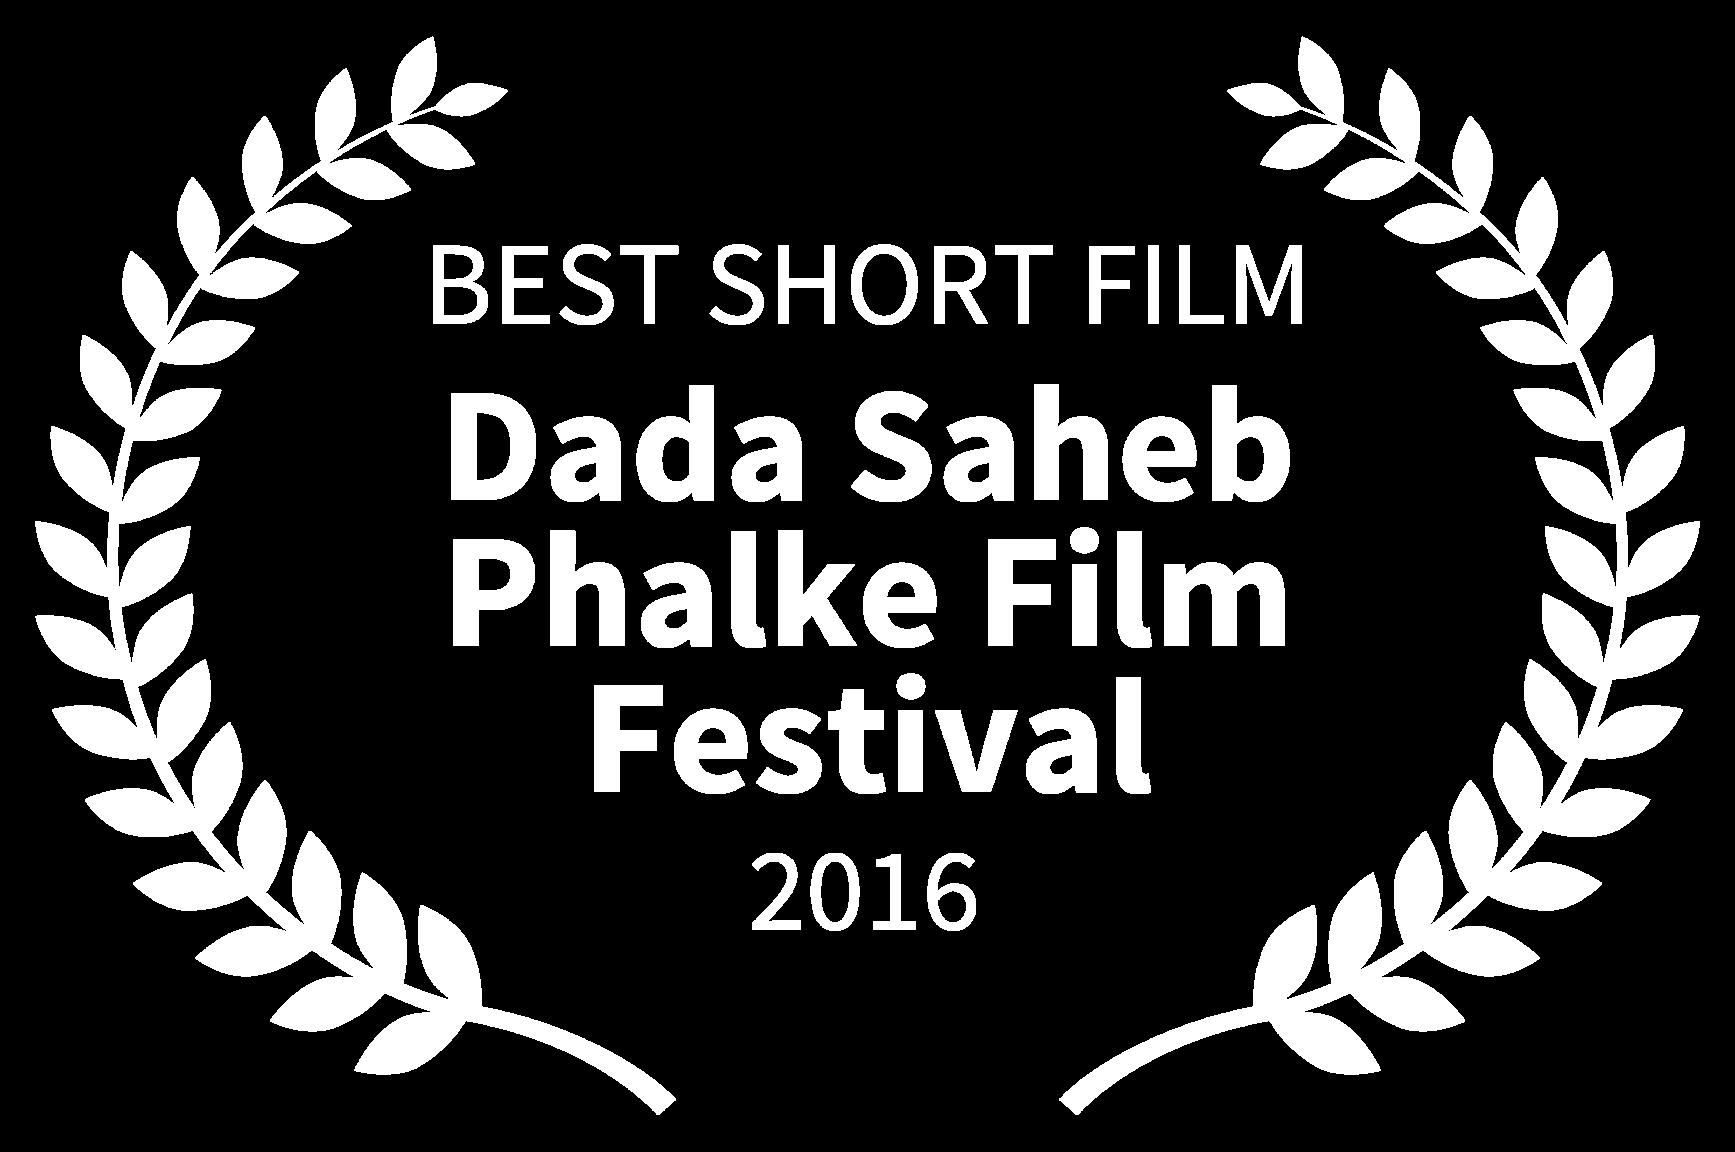 BEST SHORT FILM - Dada Saheb Phalke Film Festival - 2016